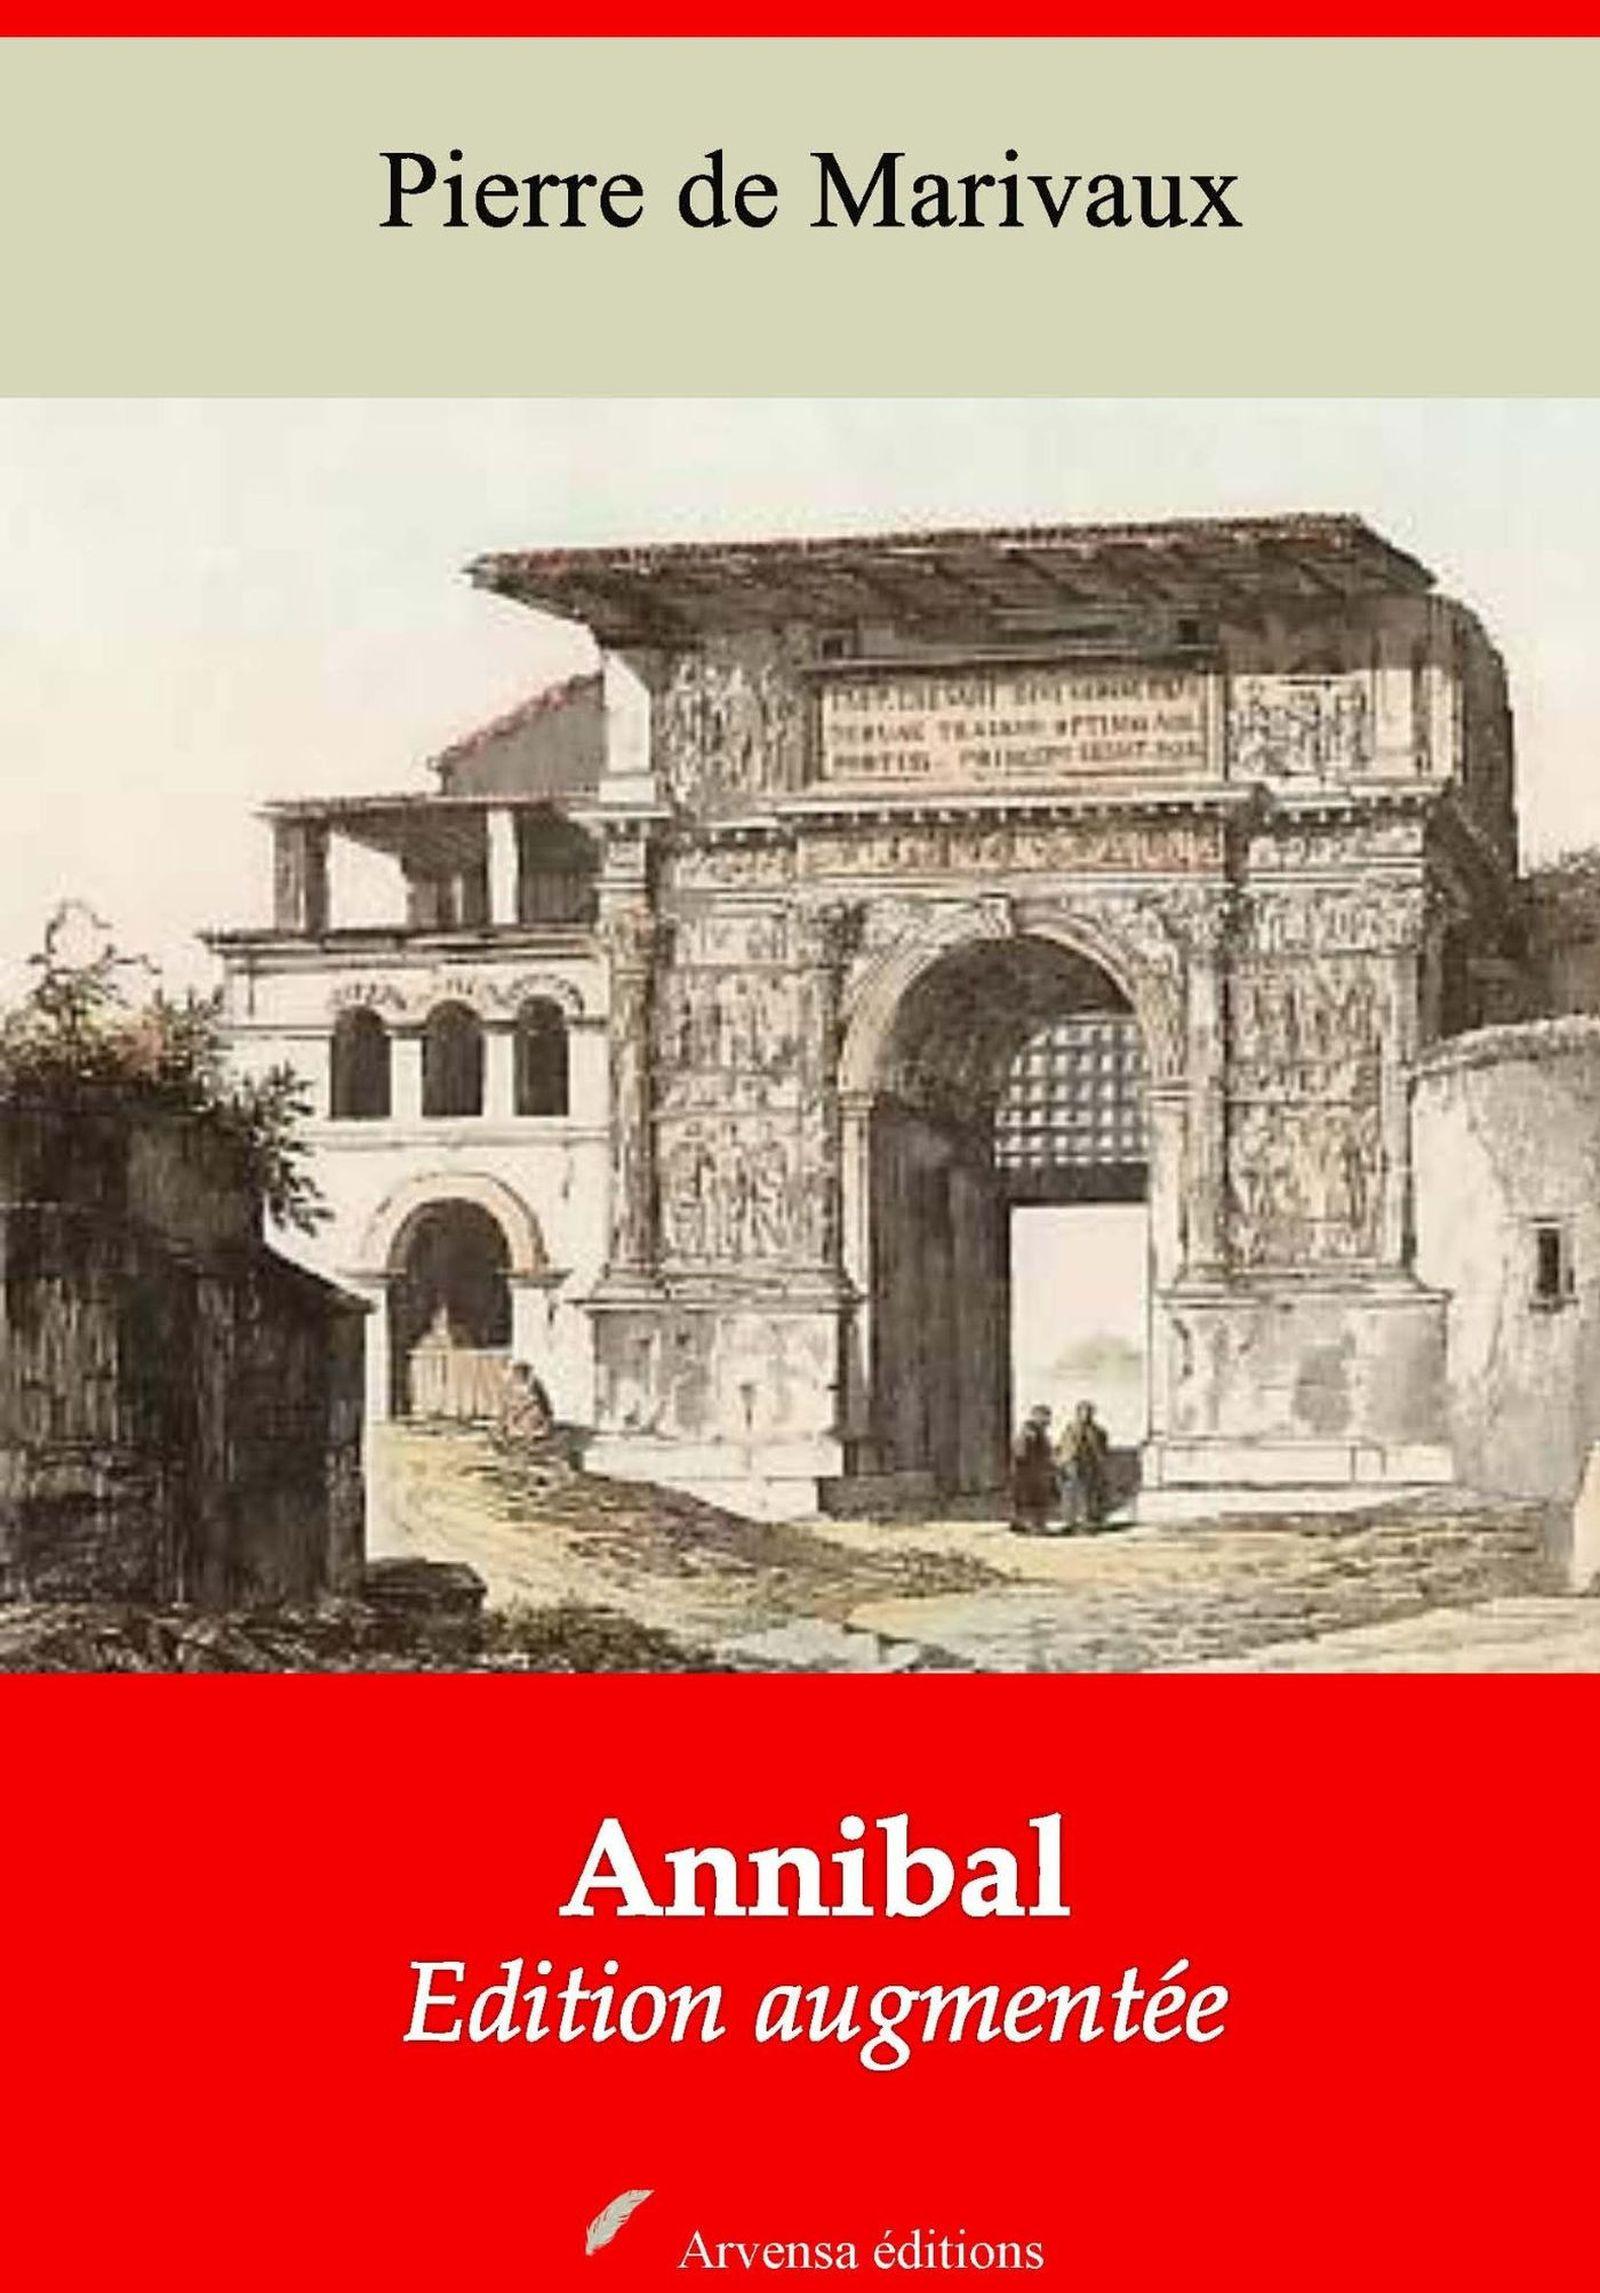 Annibal - suivi d'annexes